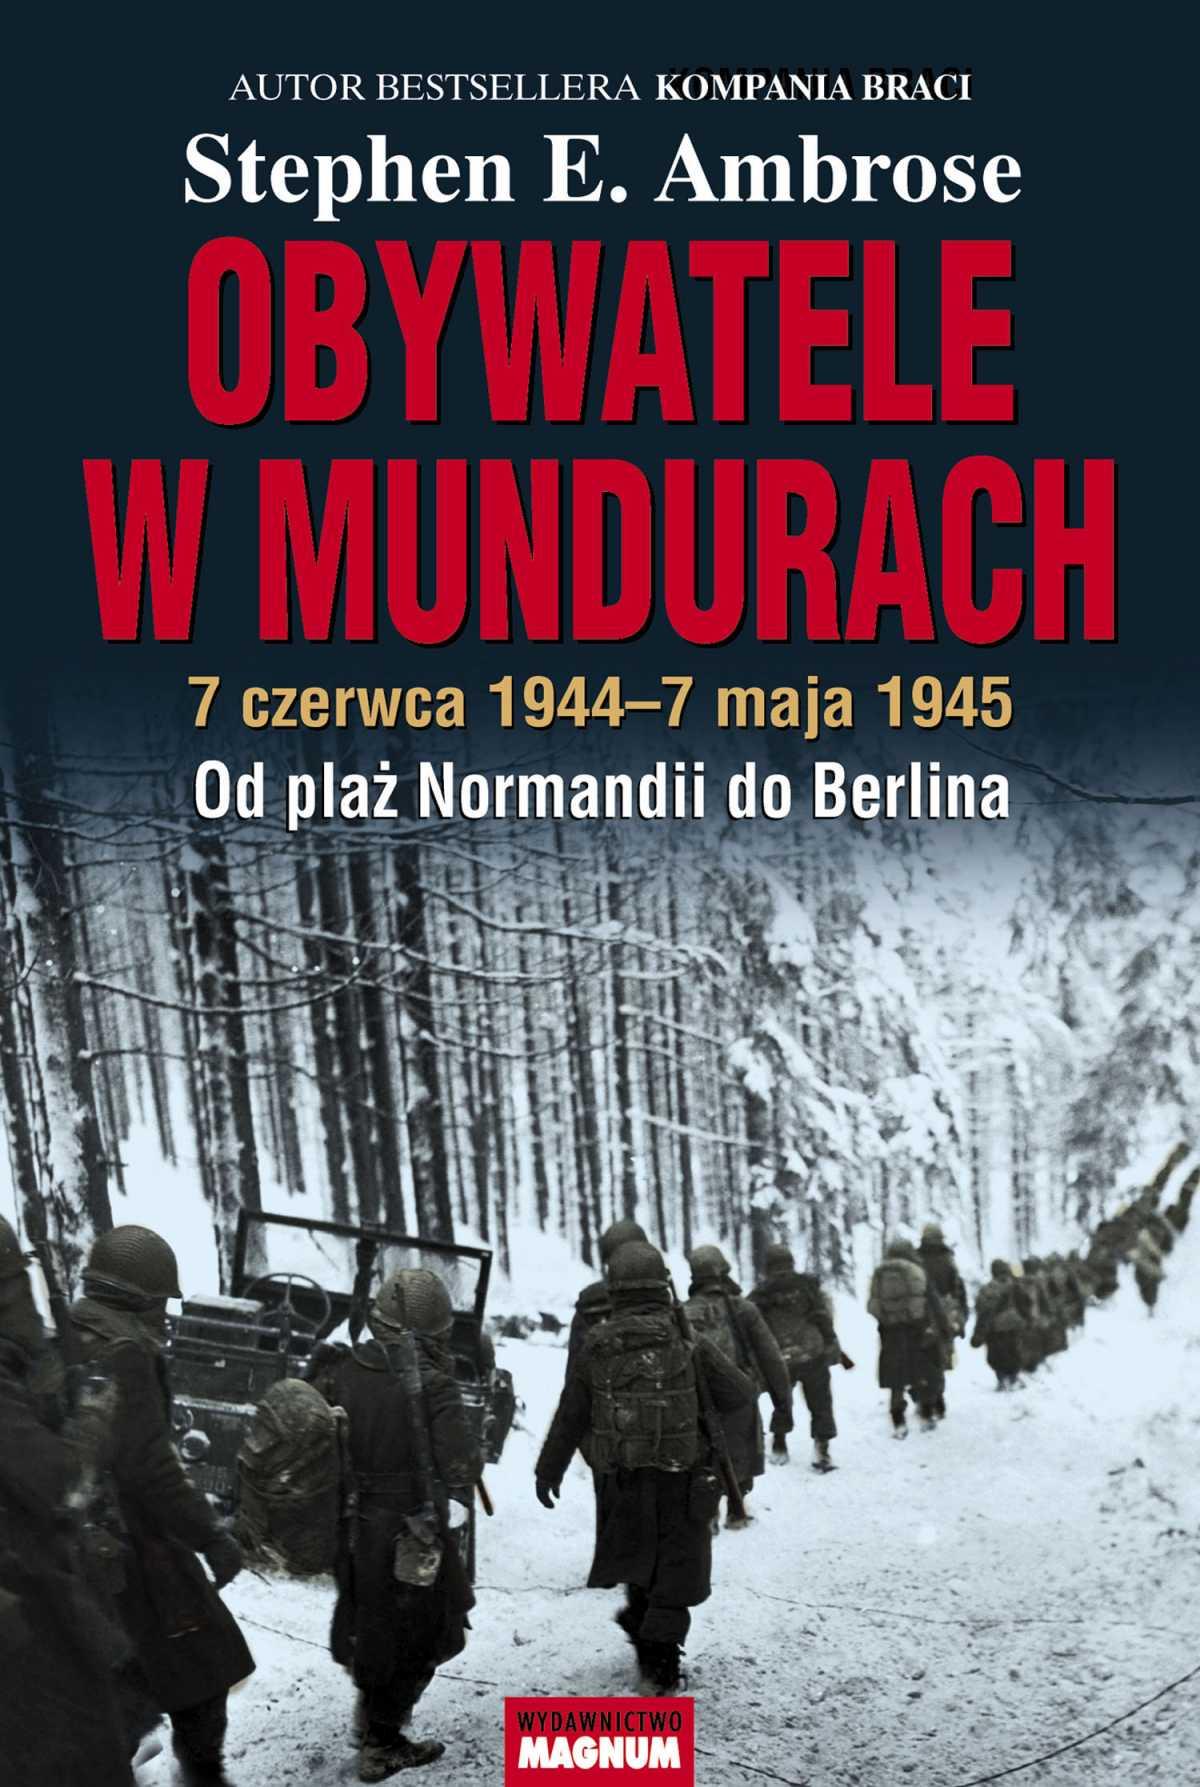 Obywatele w mundurach. 7 czerwca 1944-7 maja 1945. Od plaż Normandii do Berlina - Ebook (Książka EPUB) do pobrania w formacie EPUB